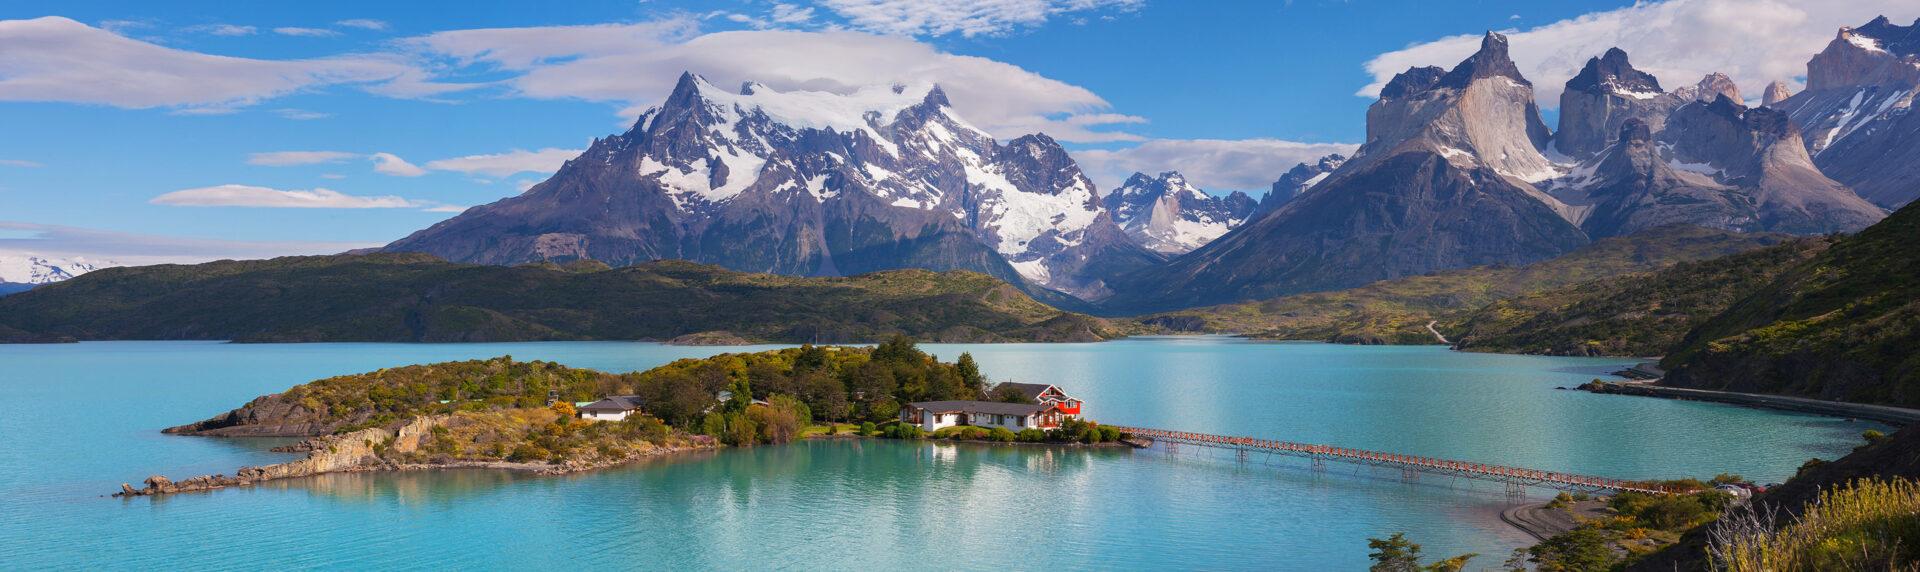 Chili Reizen Pano Torres Del Paine Patagonia